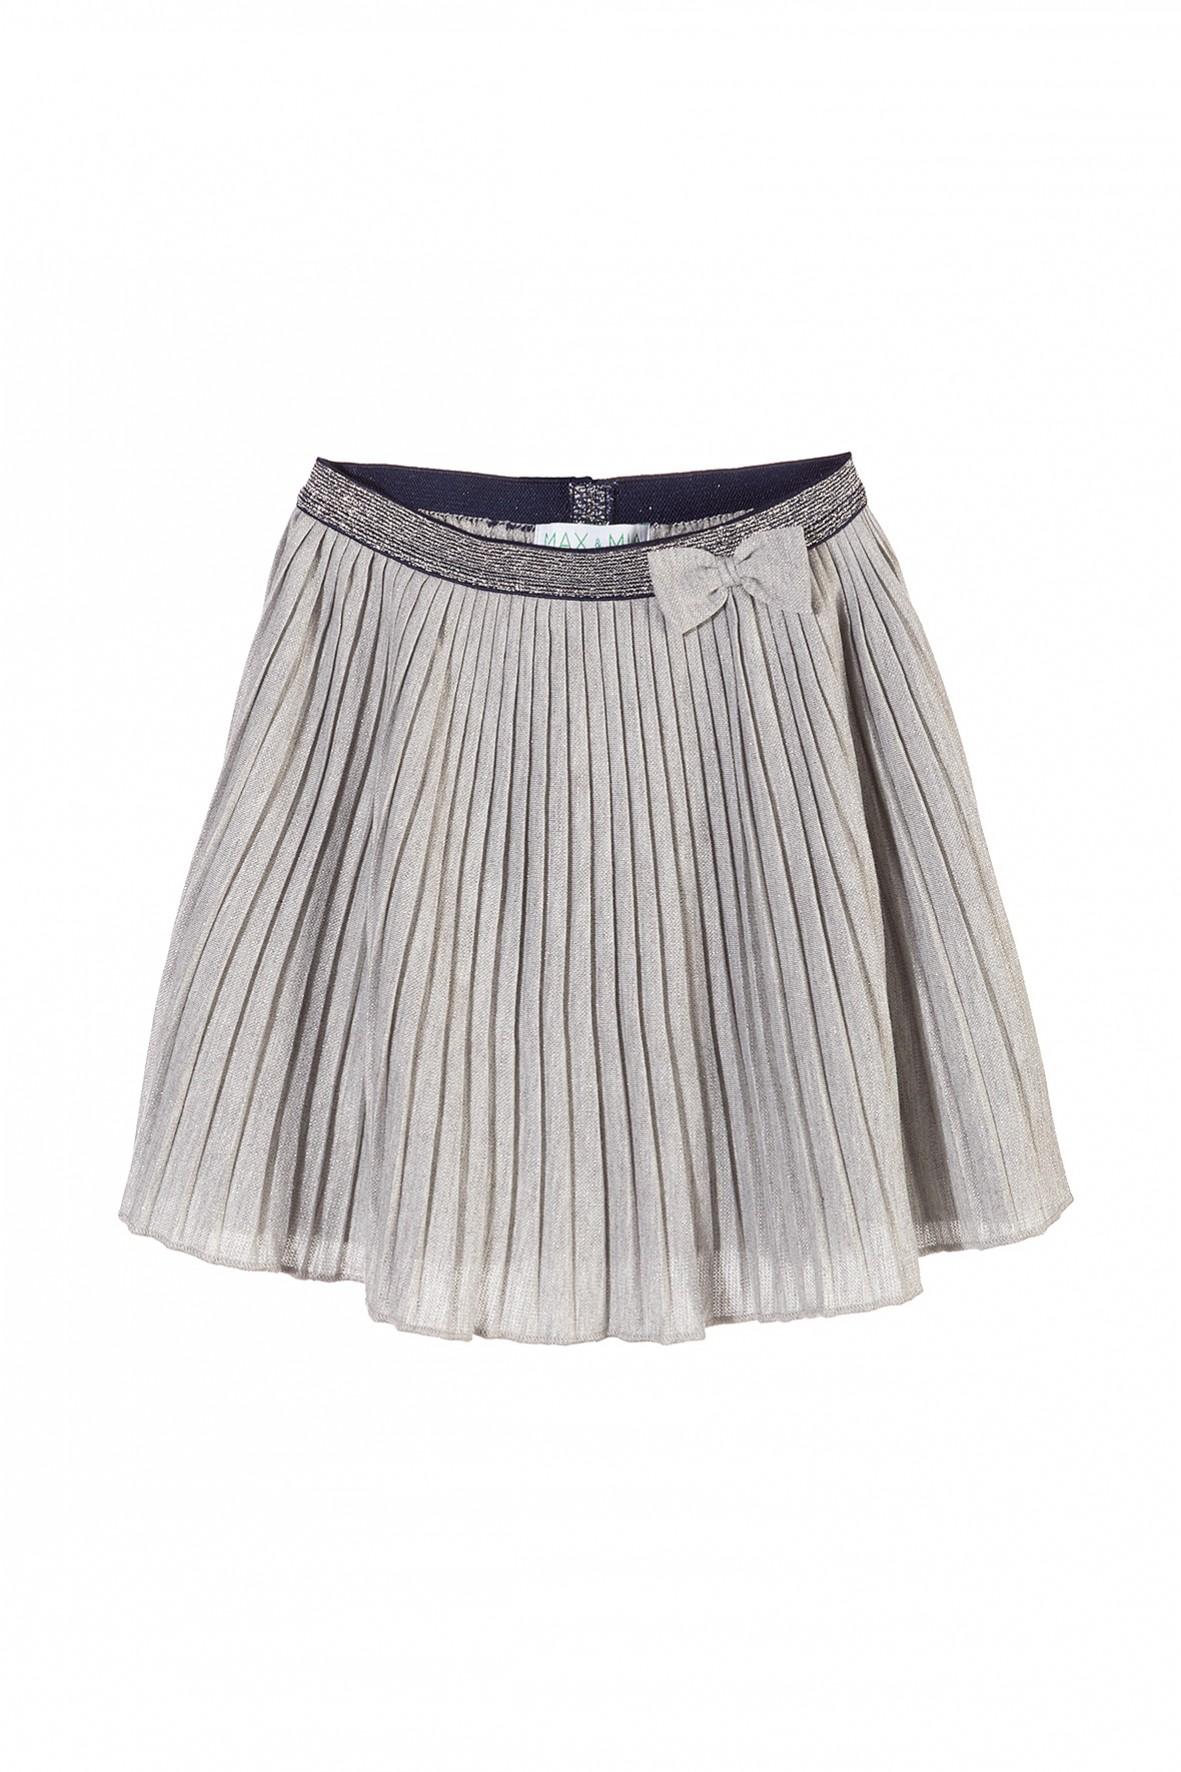 Spodnica dziewczeca plisowana